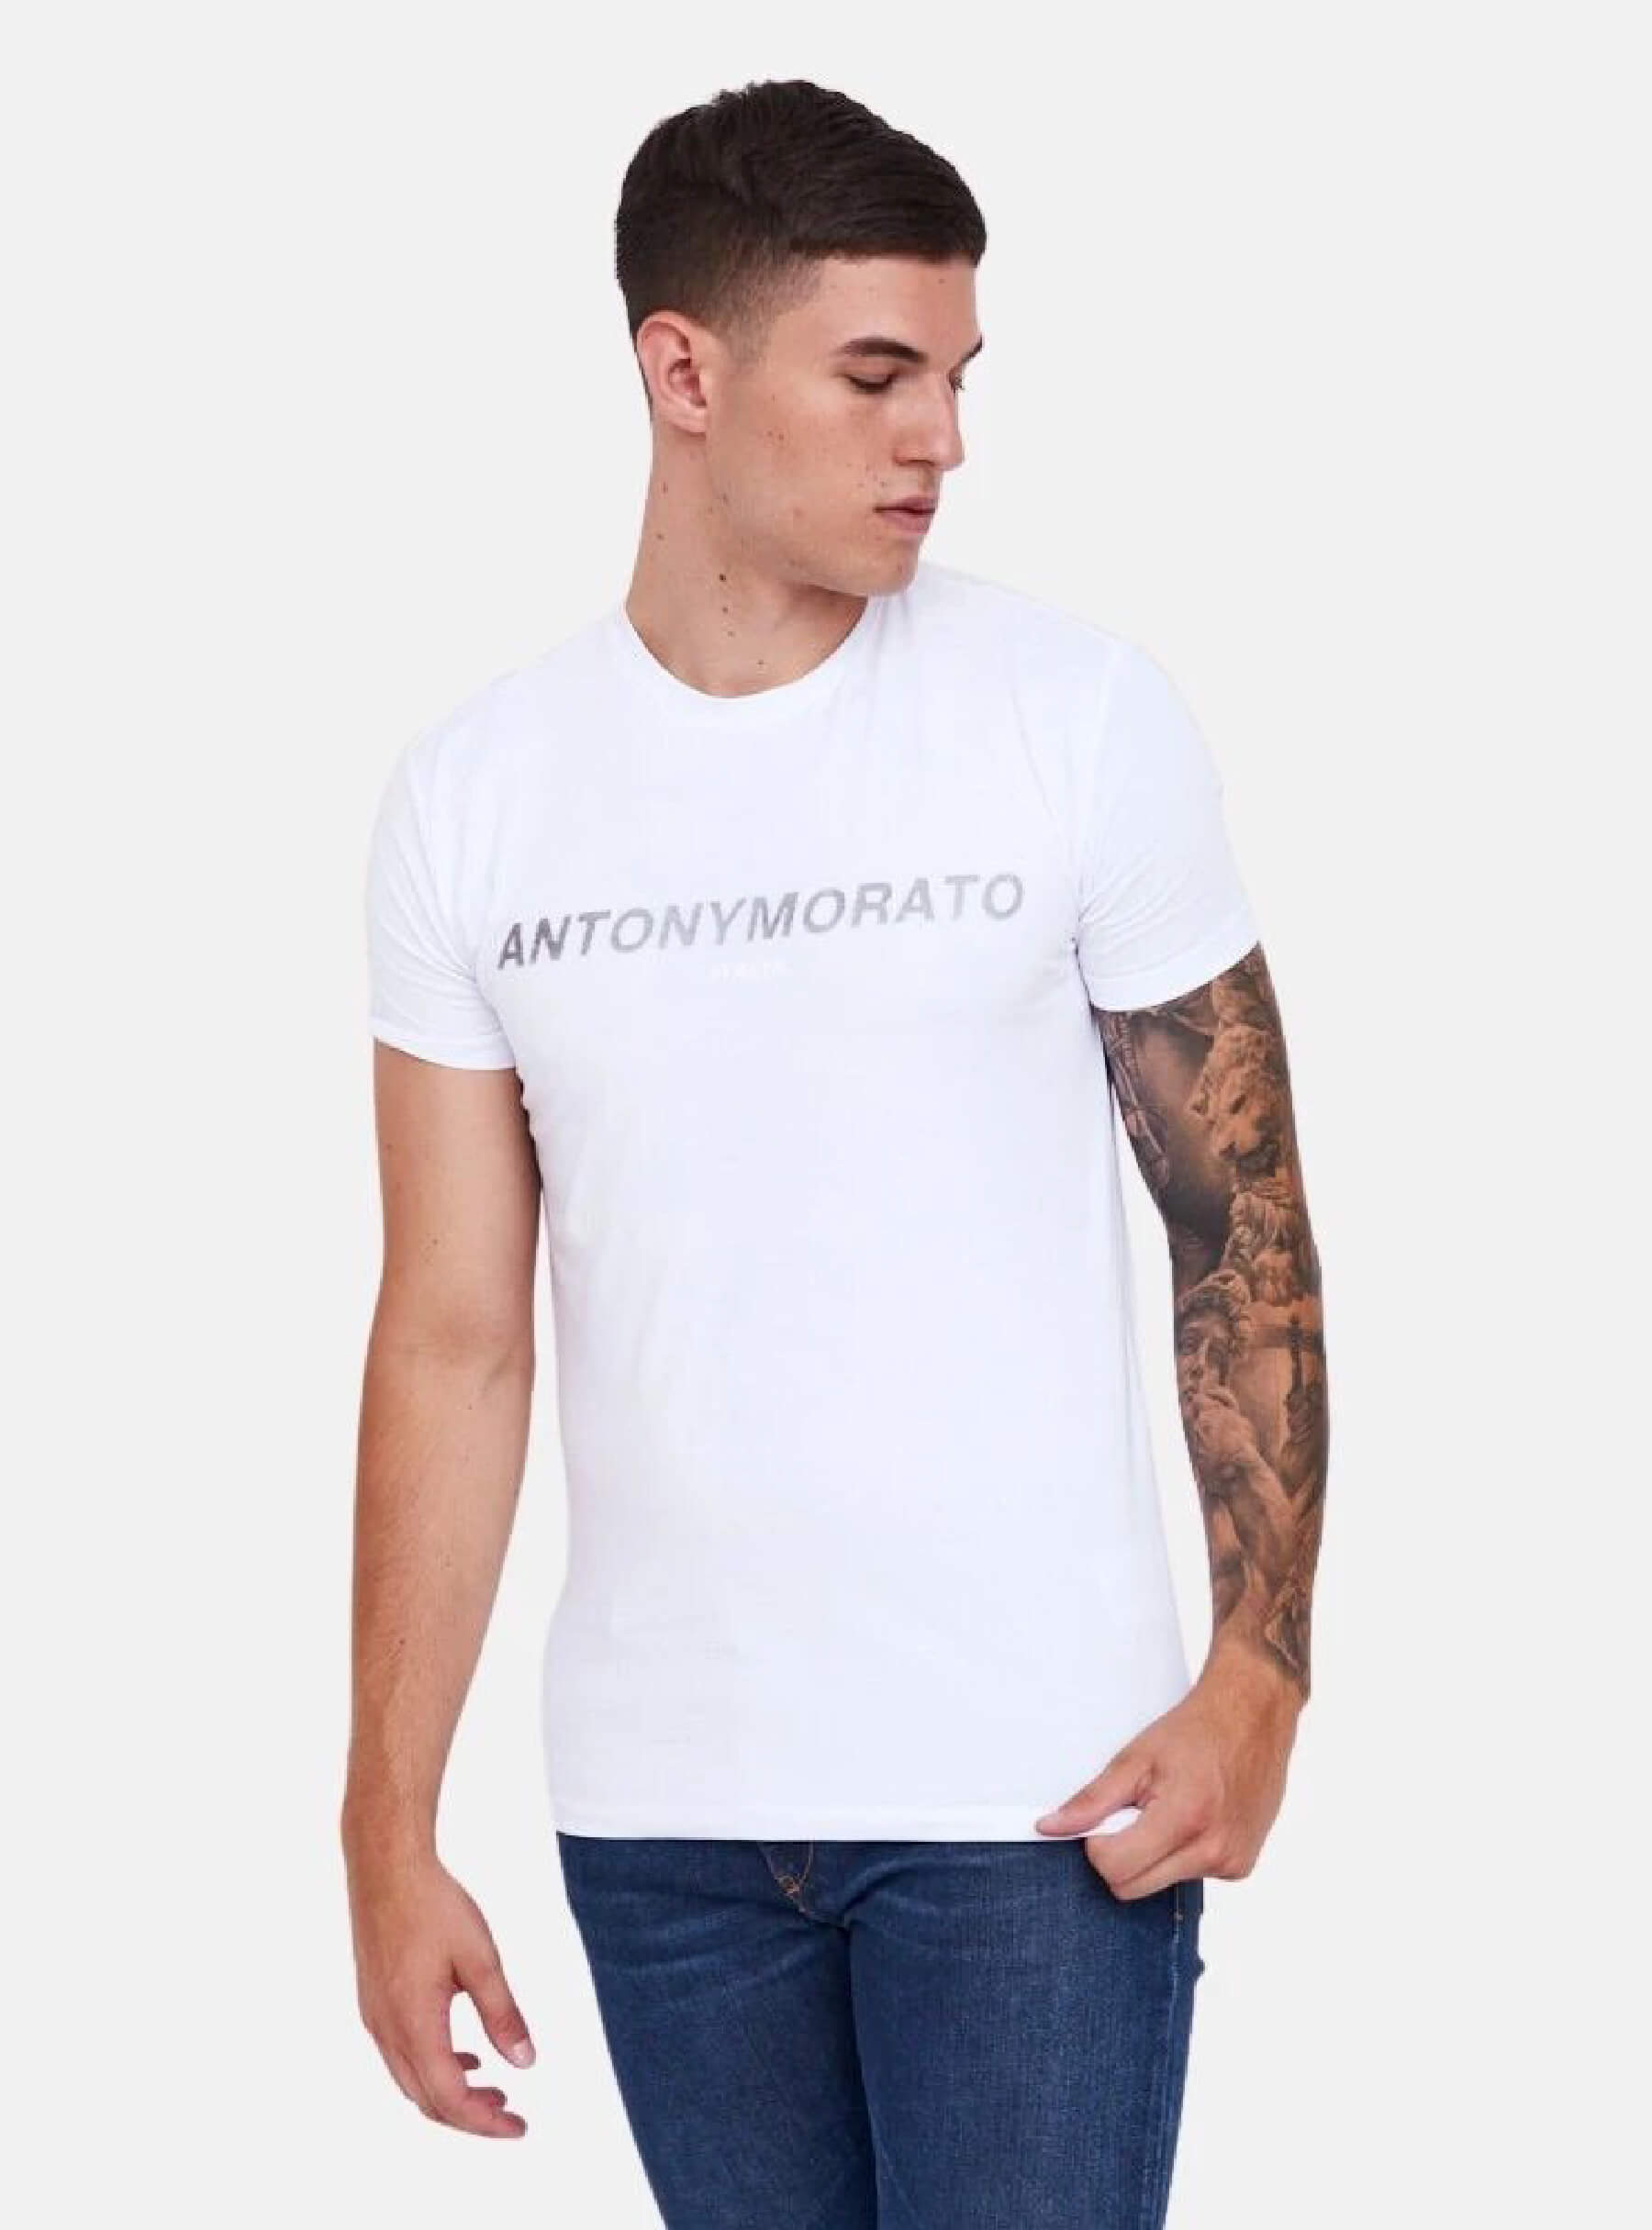 Majica Antony Morato 299 kn